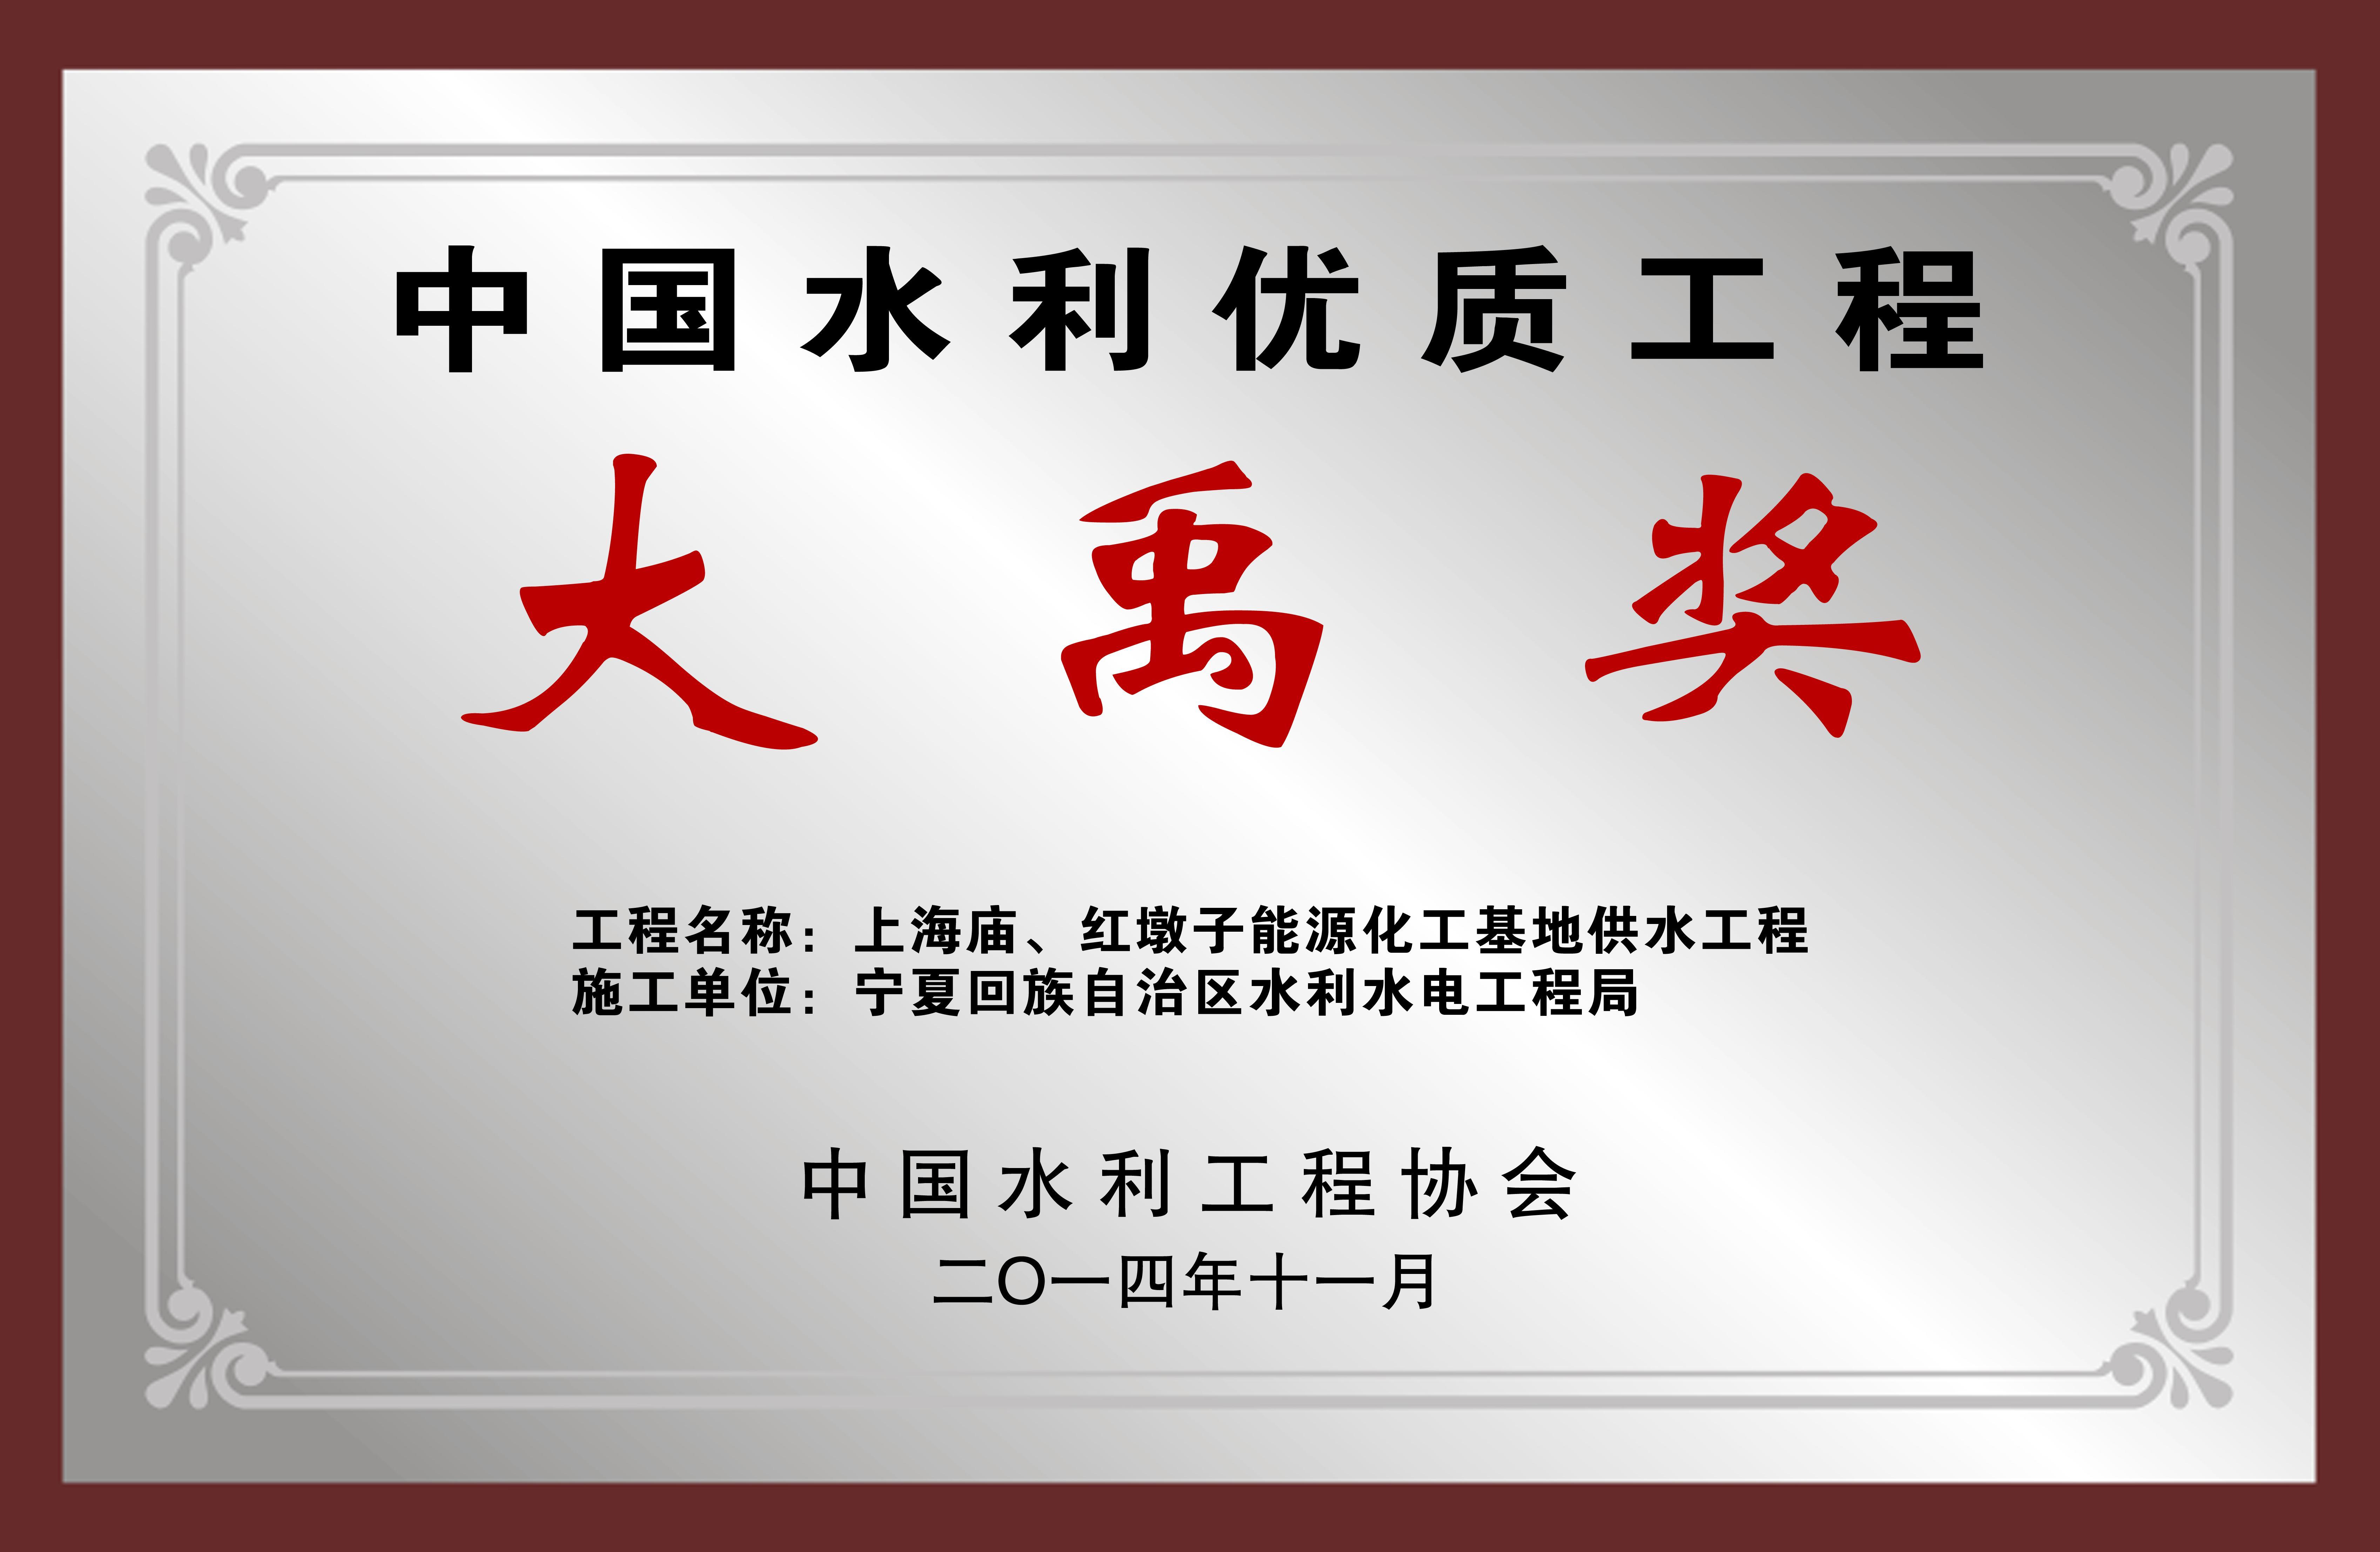 【奖项荣誉】大禹奖